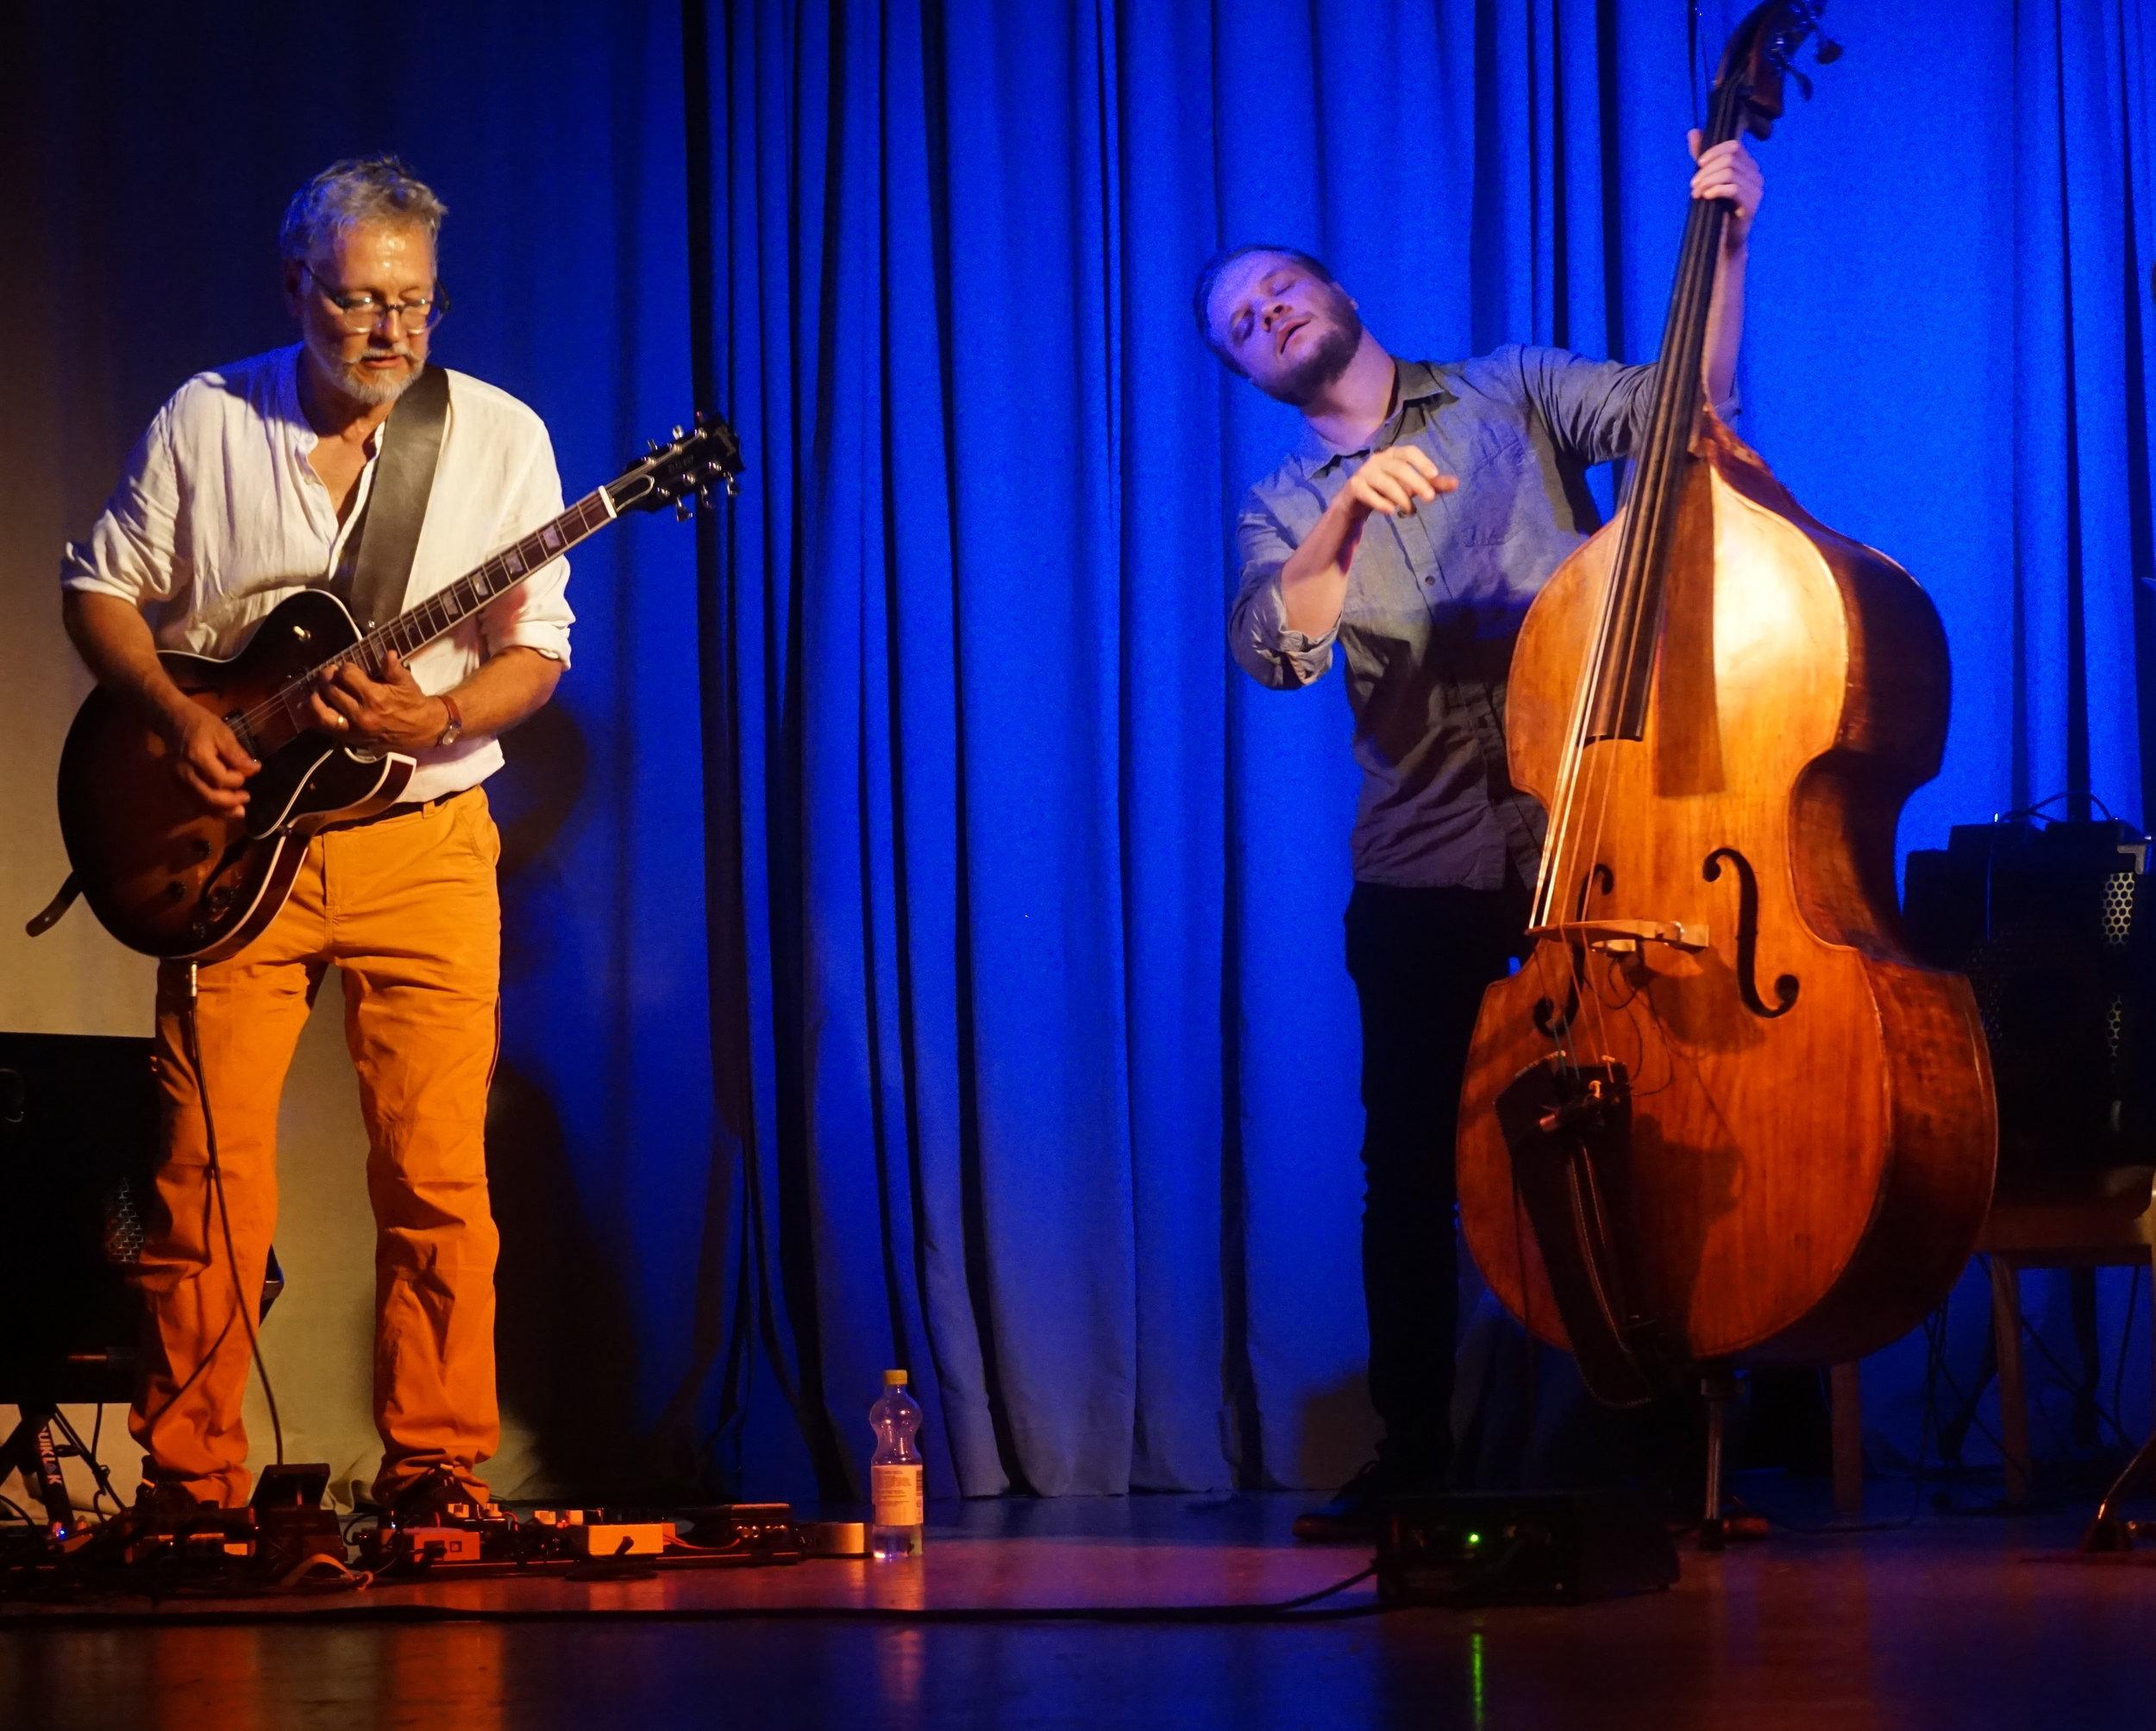 Trian-yhtyeen kitaristi Raoul Björkenheim ja basisti Jori Huhtala soiton imussa, Korpo Sea Jazz, Kommunalgården, 25.7.2019